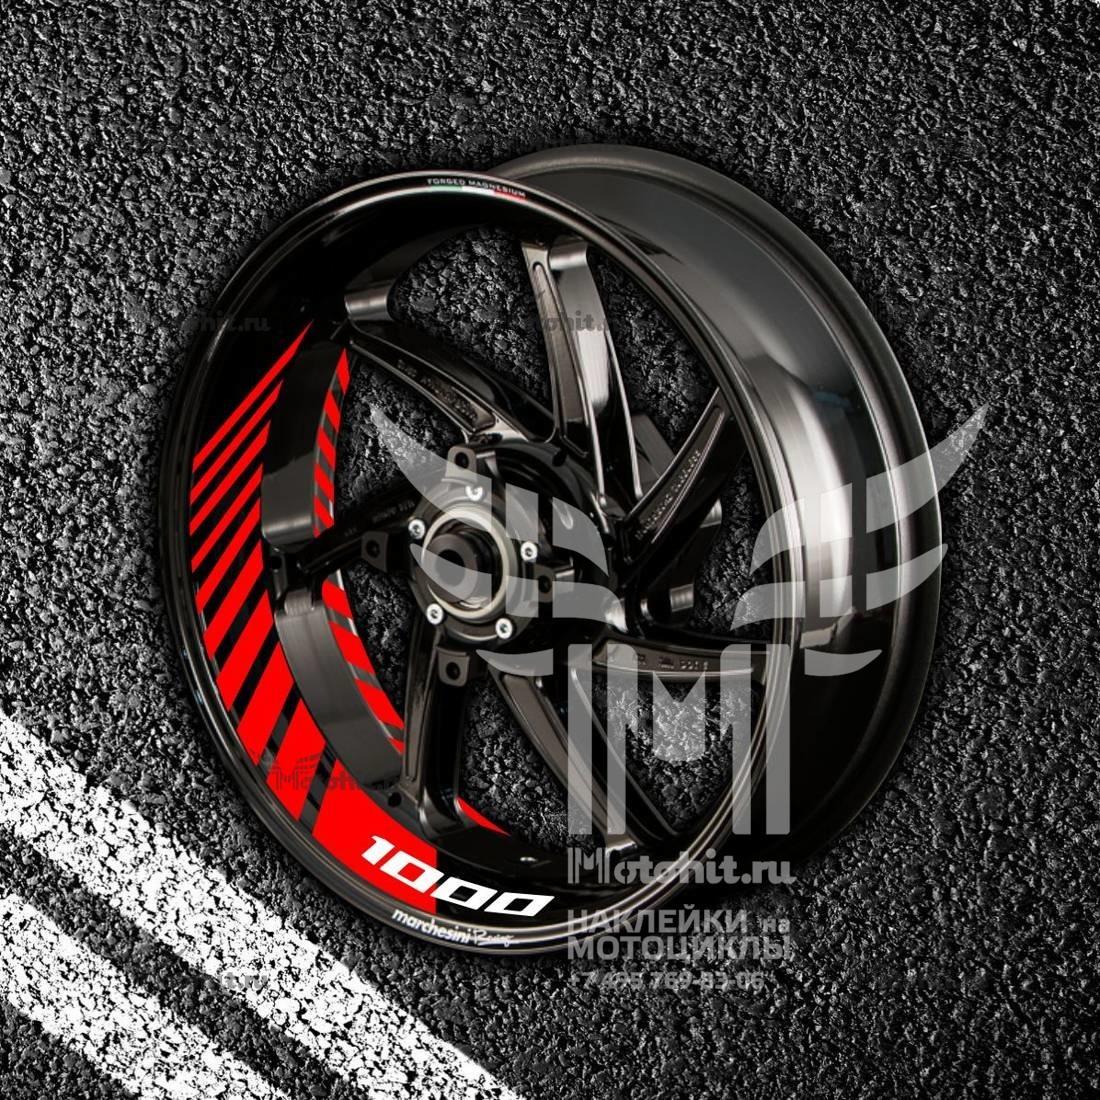 Комплект наклеек с полосами на колеса мотоцикла HONDA 1000